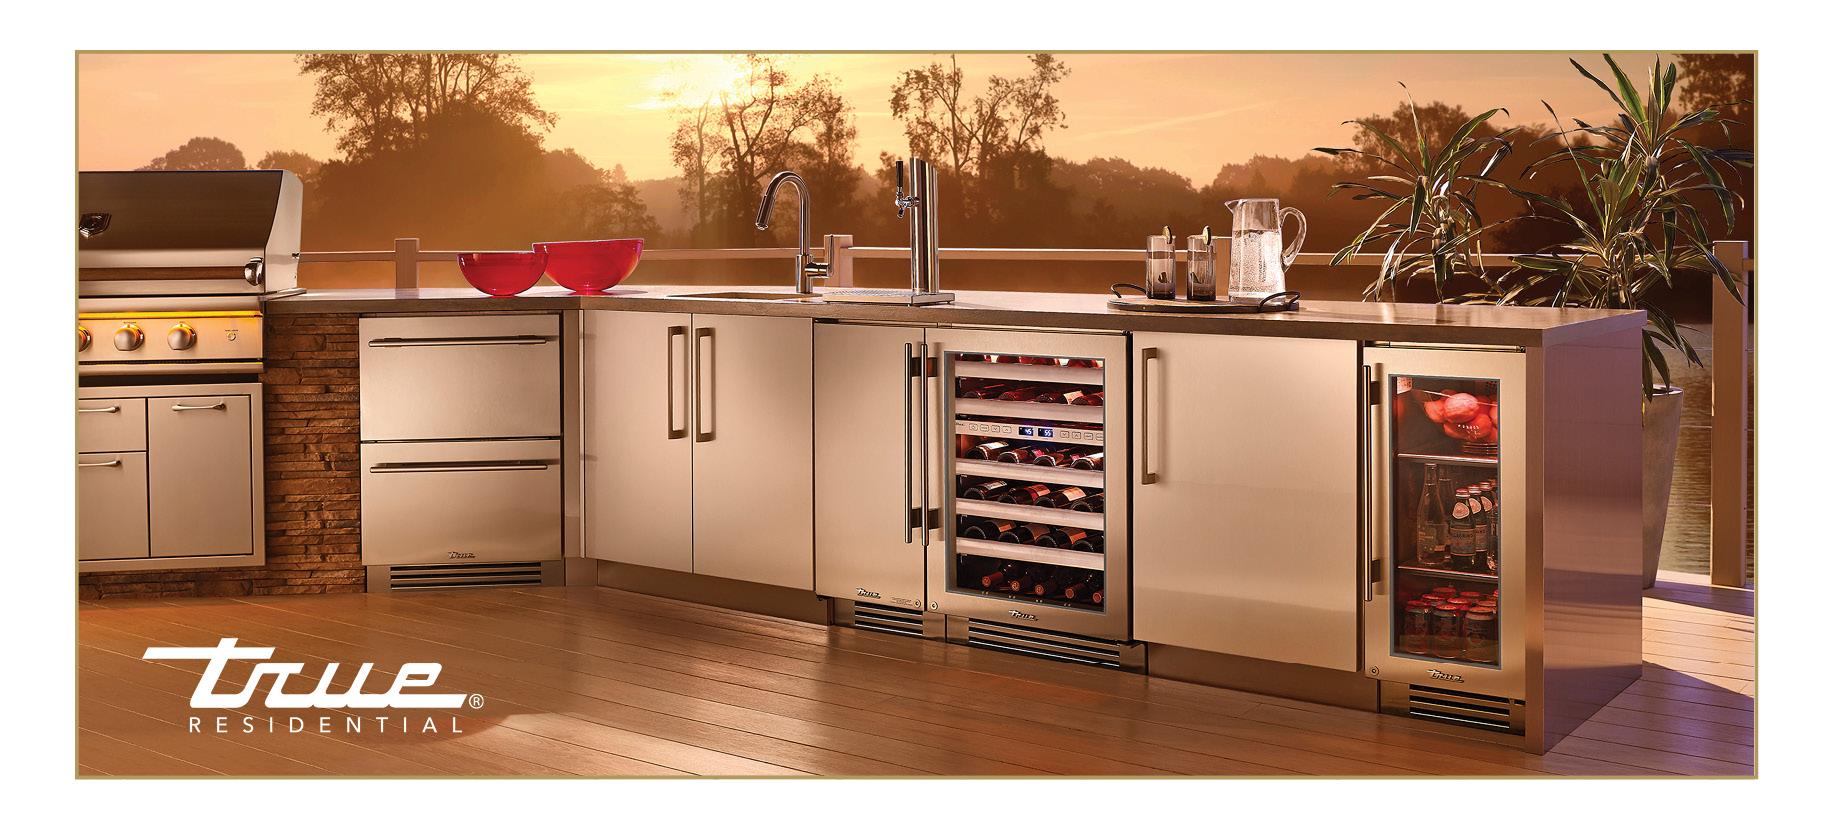 True Residential Outdoor Undercounter Refrigerator